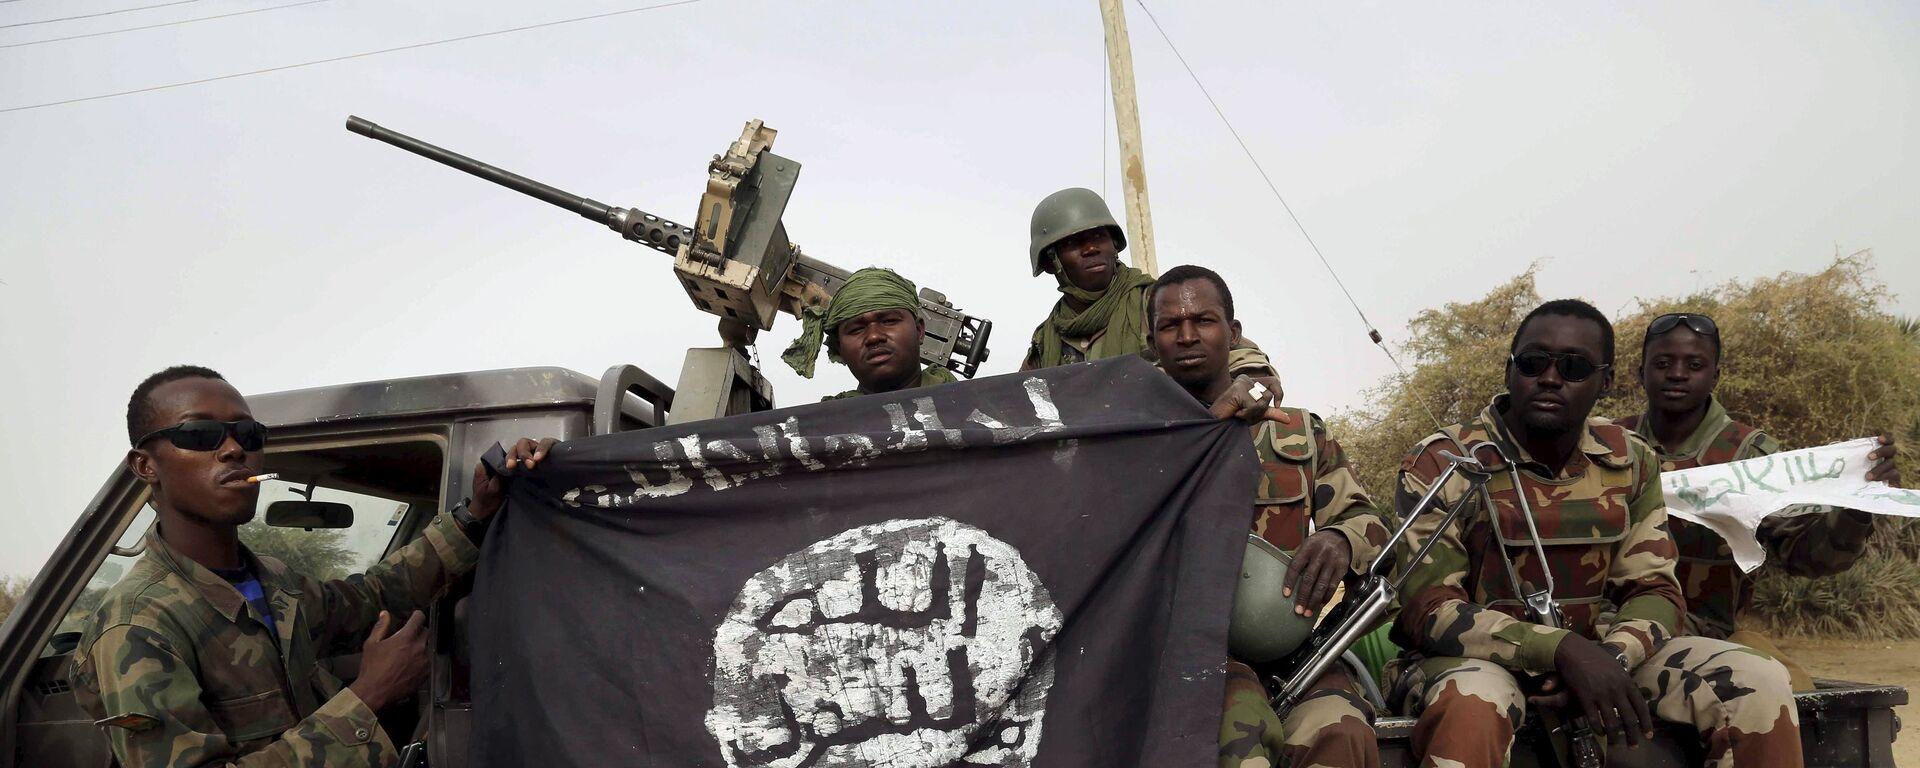 Militari nigeriani con una bandiera di Boko Haram - Sputnik Italia, 1920, 28.07.2017